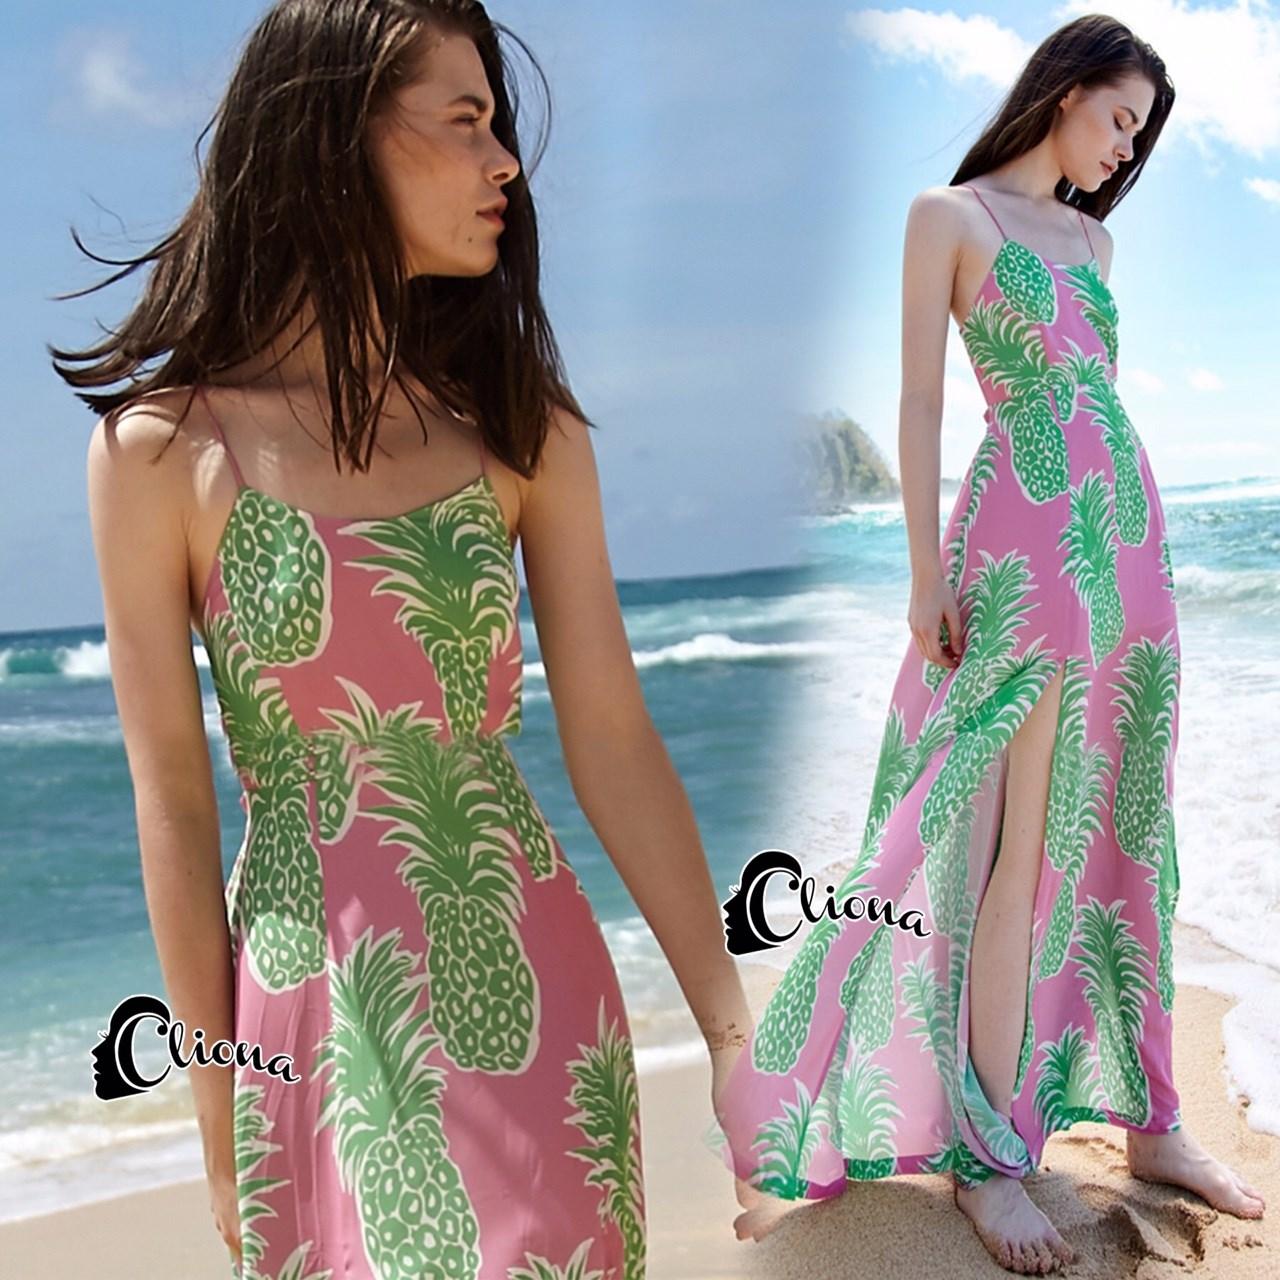 แม็กซี่เดรส ผ้าชีฟองพิมพ์ลายสัปรด สีชมพูเขียว